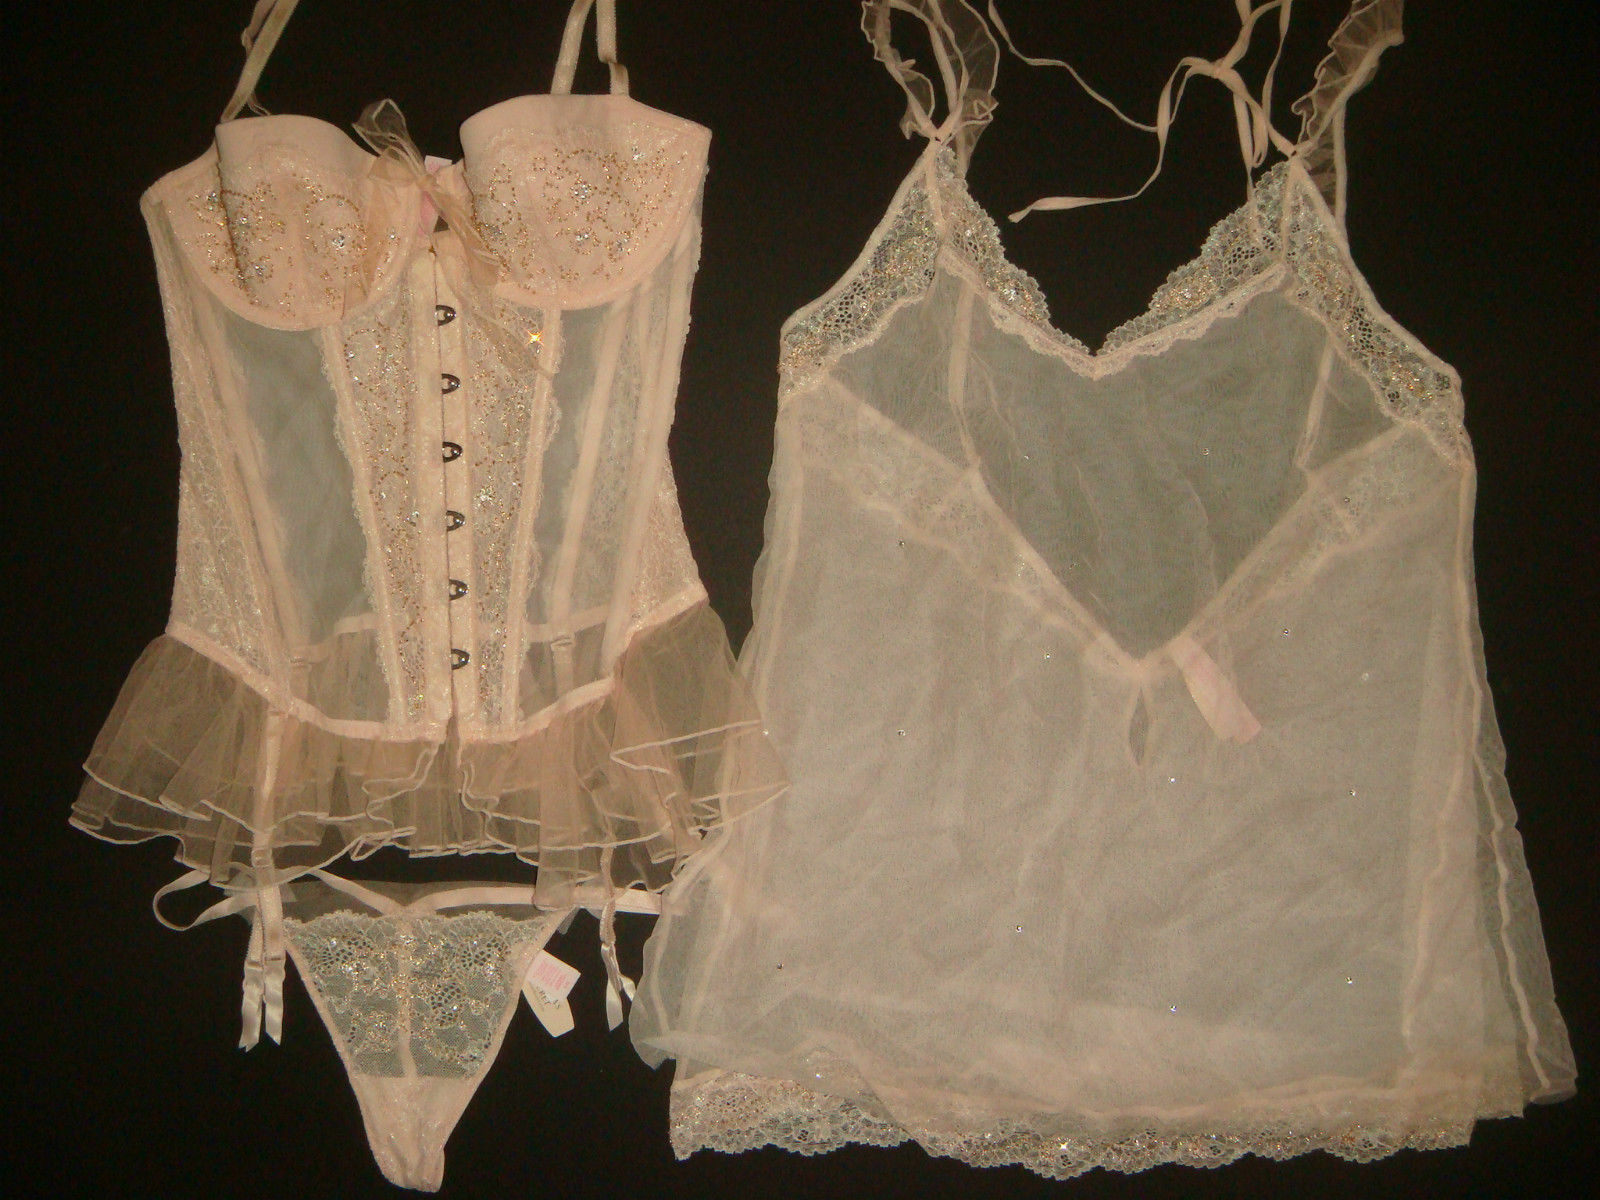 NWT Victoria's Secret 36D GARTER SLIP CORSET+L BABYDOLL beaded DREAM ANGELS